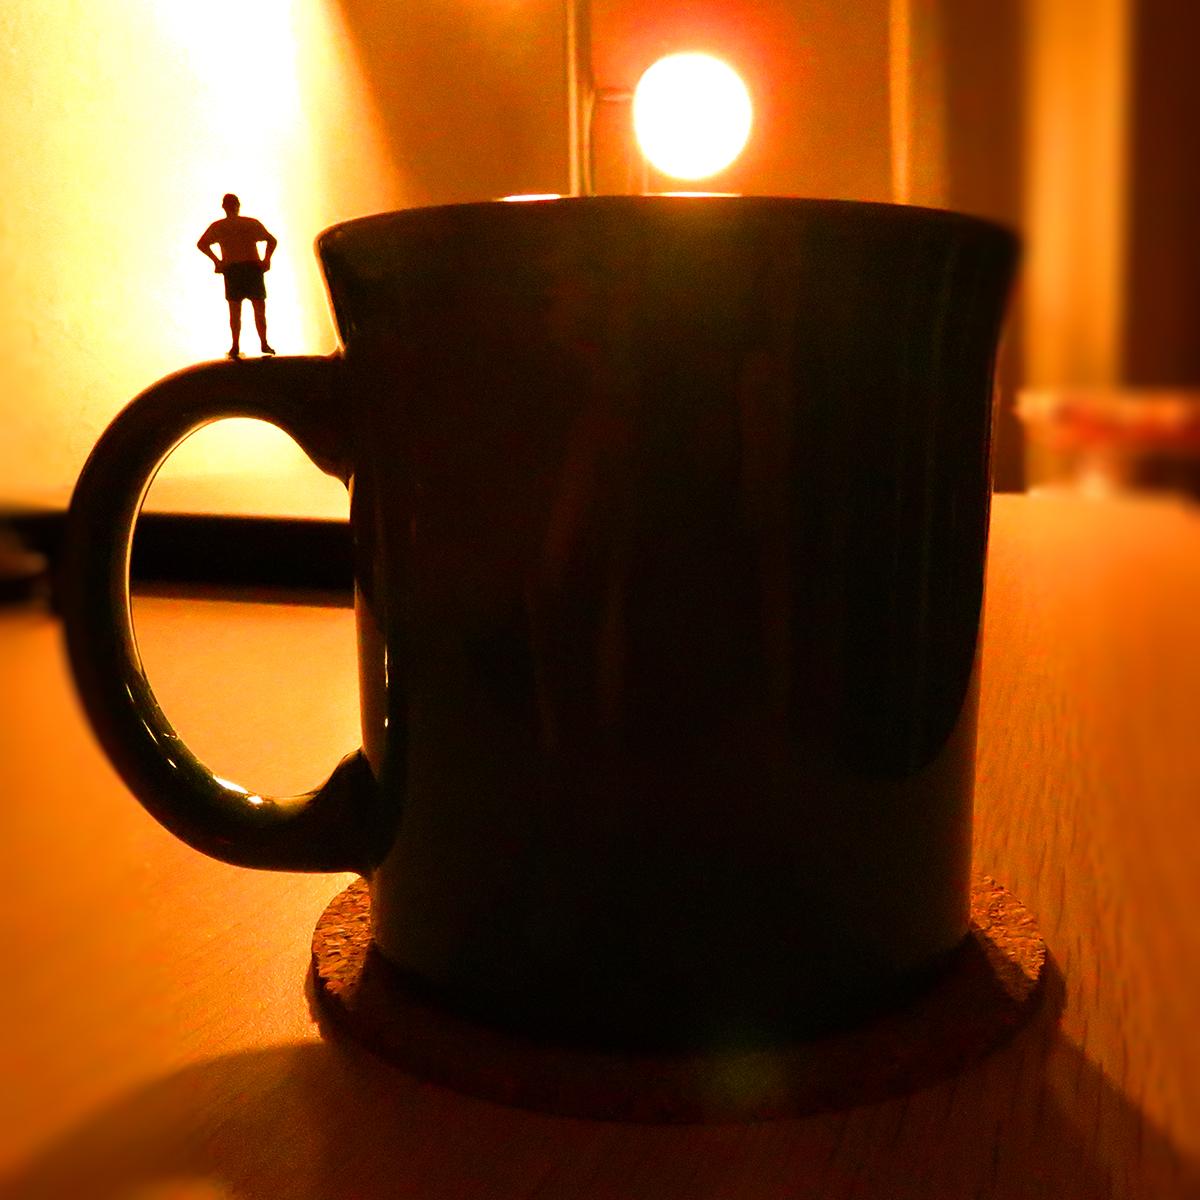 今日はミニチュアの日!マグカップに立つ小人